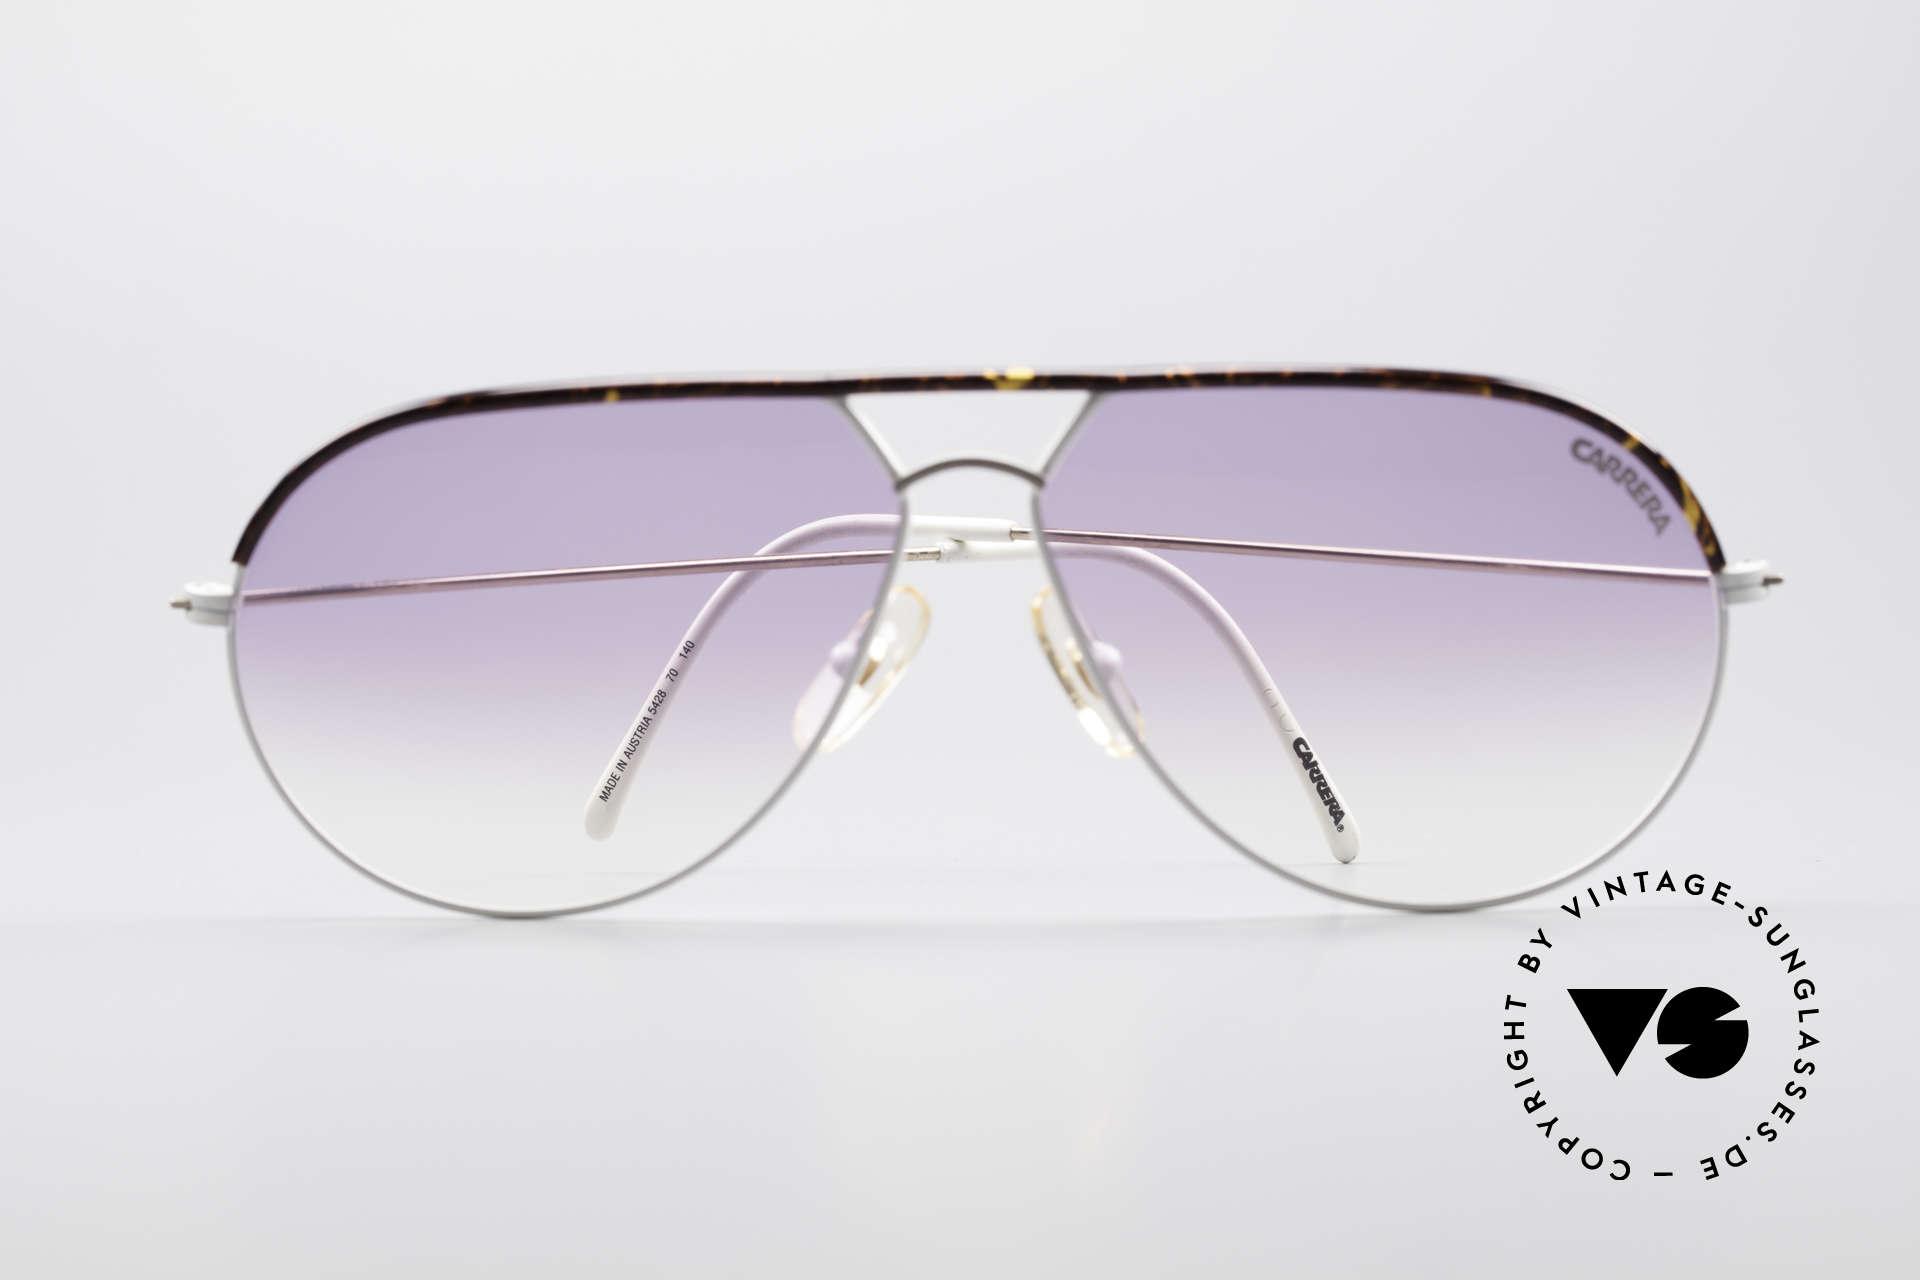 Carrera 5428 Rare Vintage Sonnenbrille, KEINE Retrobrille, sondern ein altes 80er Original!, Passend für Herren und Damen